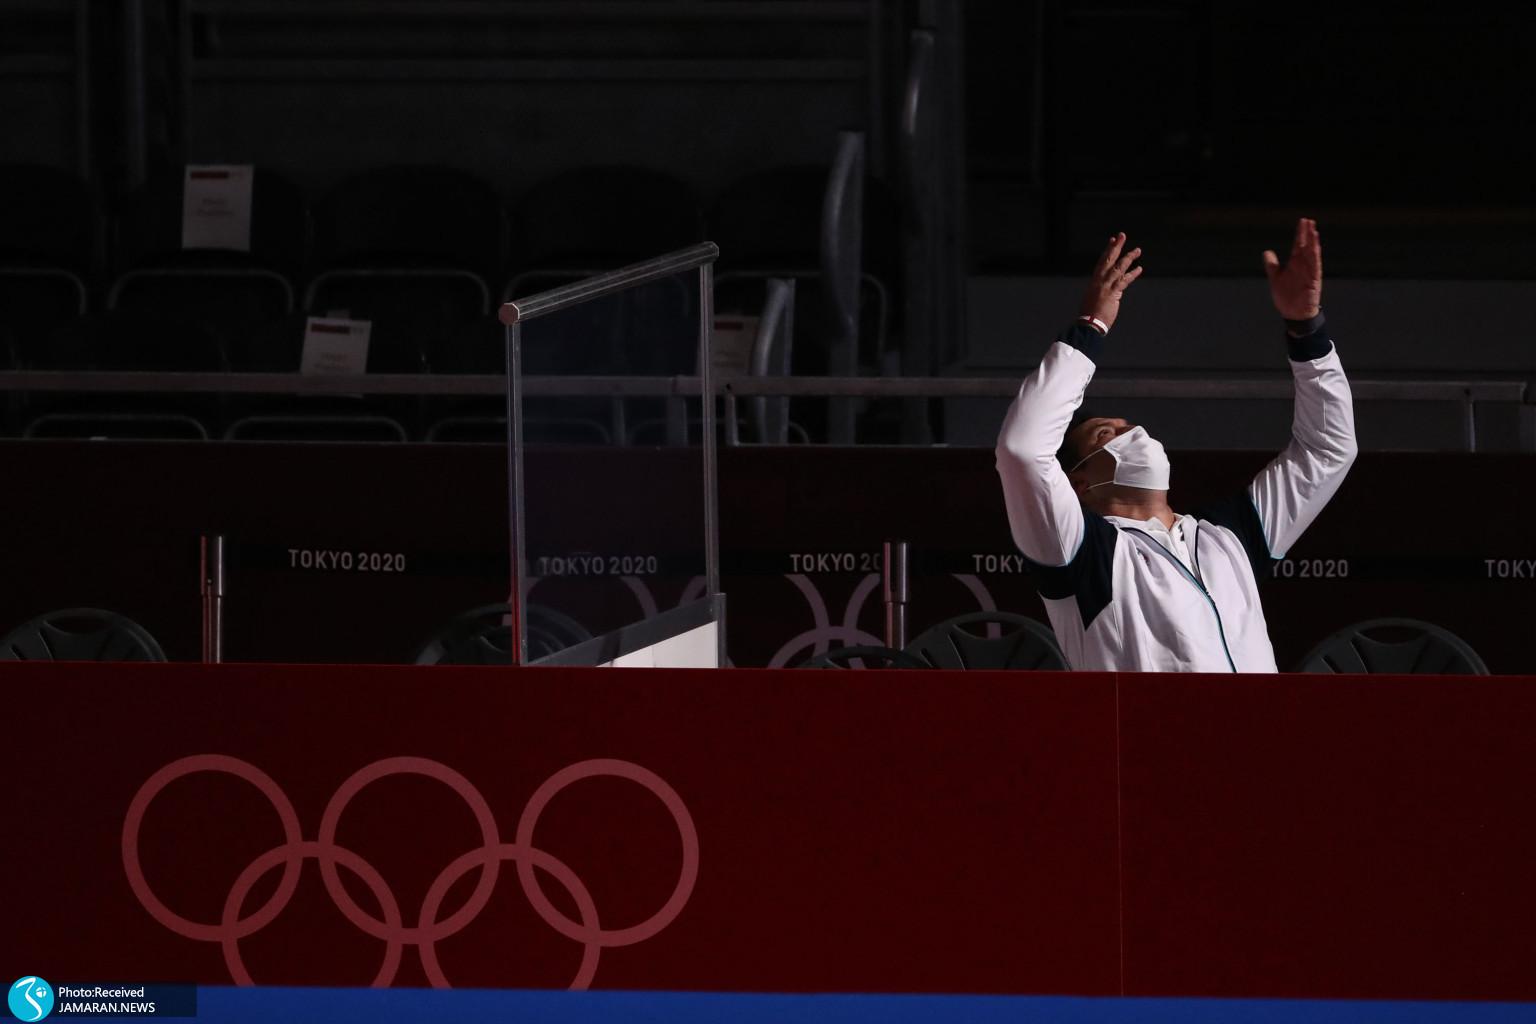 پیمان فخری شمشیربازی المپیک